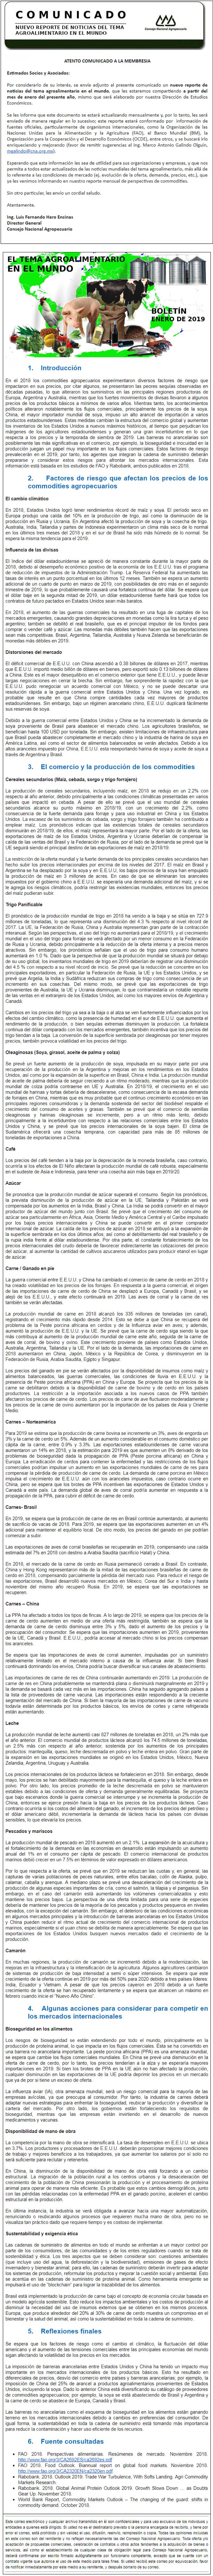 NUEVO REPORTE MENSUAL: EL TEMA AGROALIMENTARIO EN EL MUNDO, ENERO DE 2019